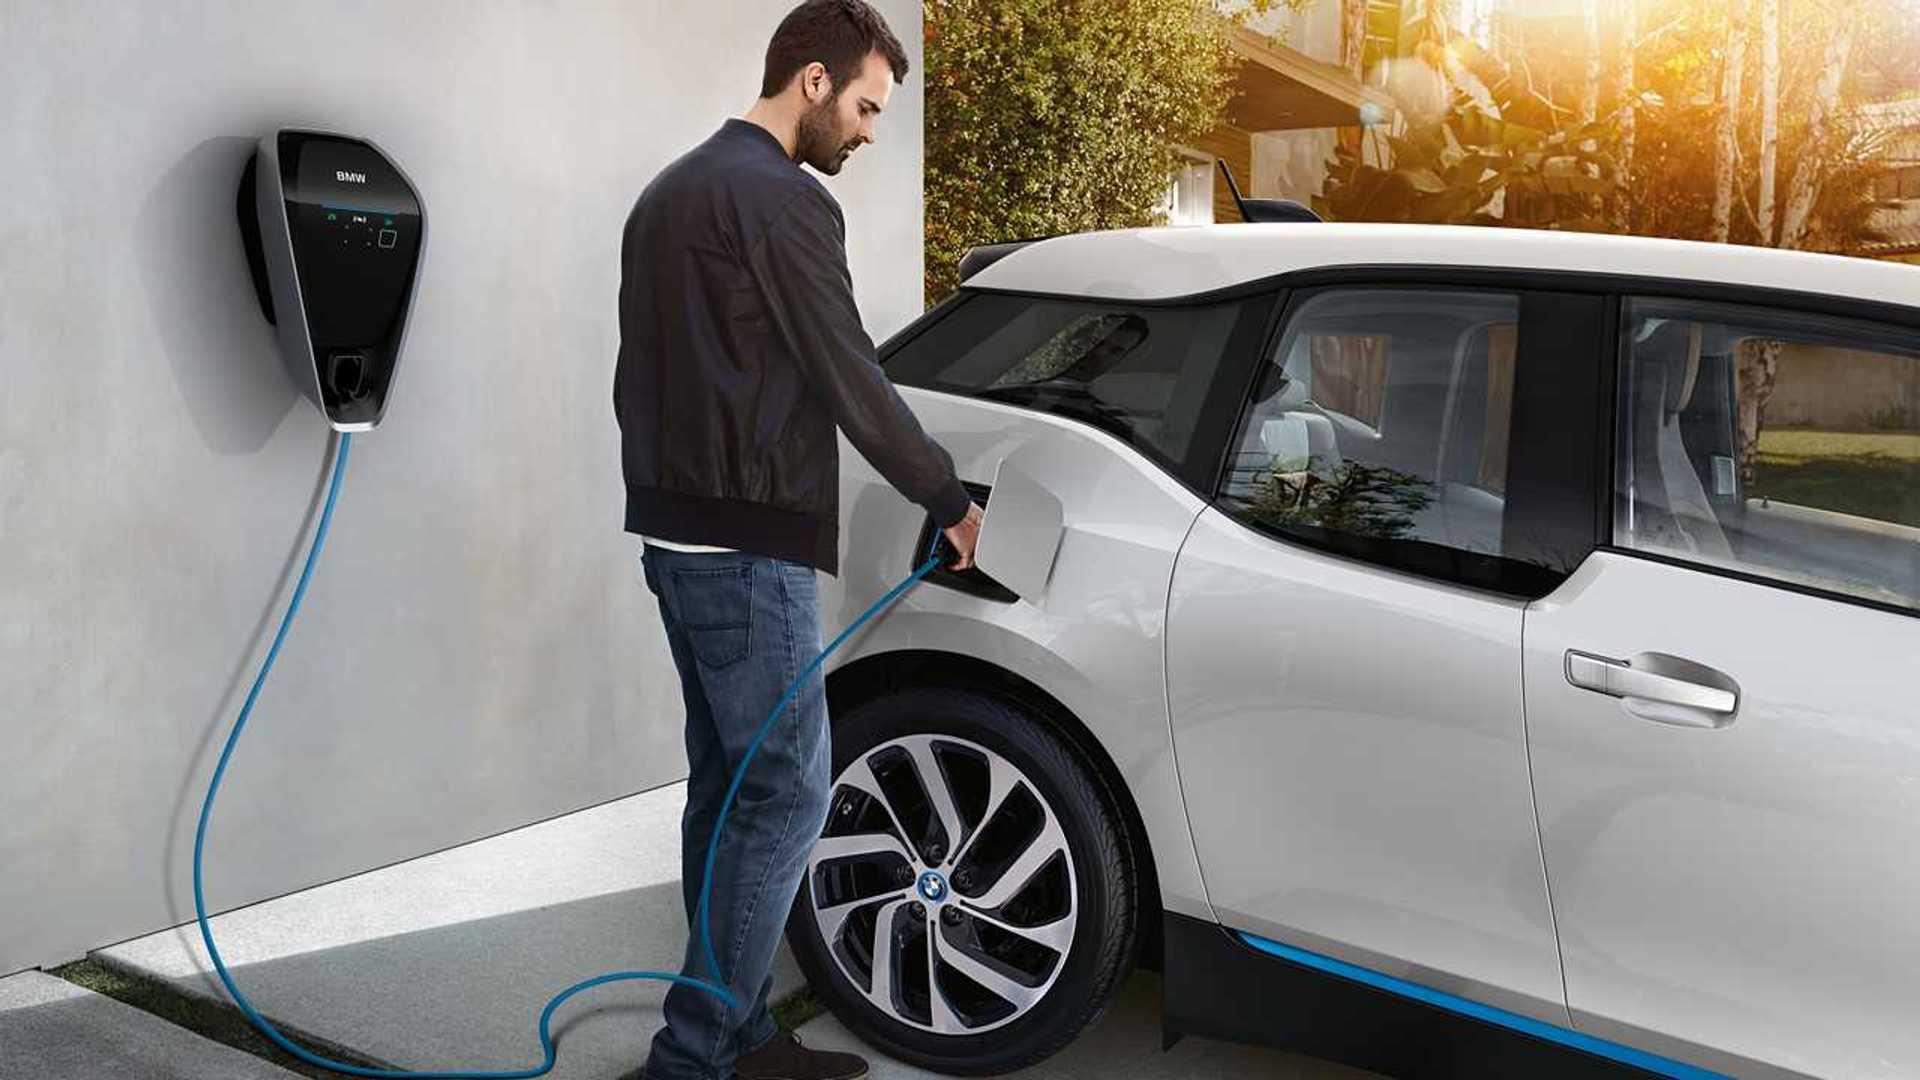 Auto elettriche, ecco perché la ricarica a casa rimarrà più conveniente